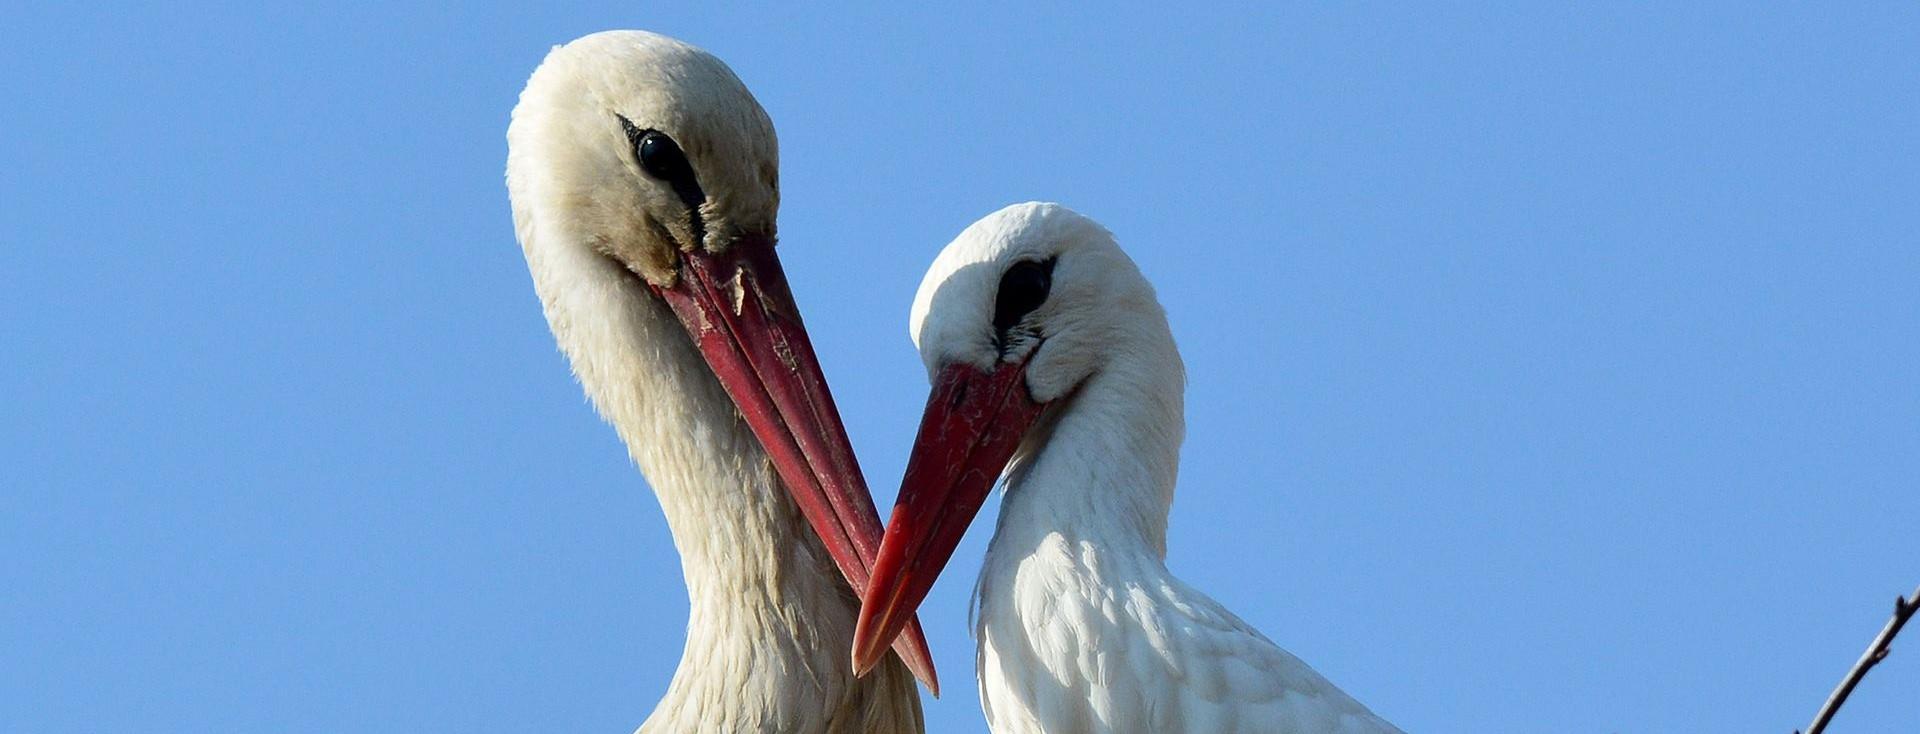 SVJETSKI DAN PTICA SELICA Apel na podizanje svijesti o zaštiti ptica